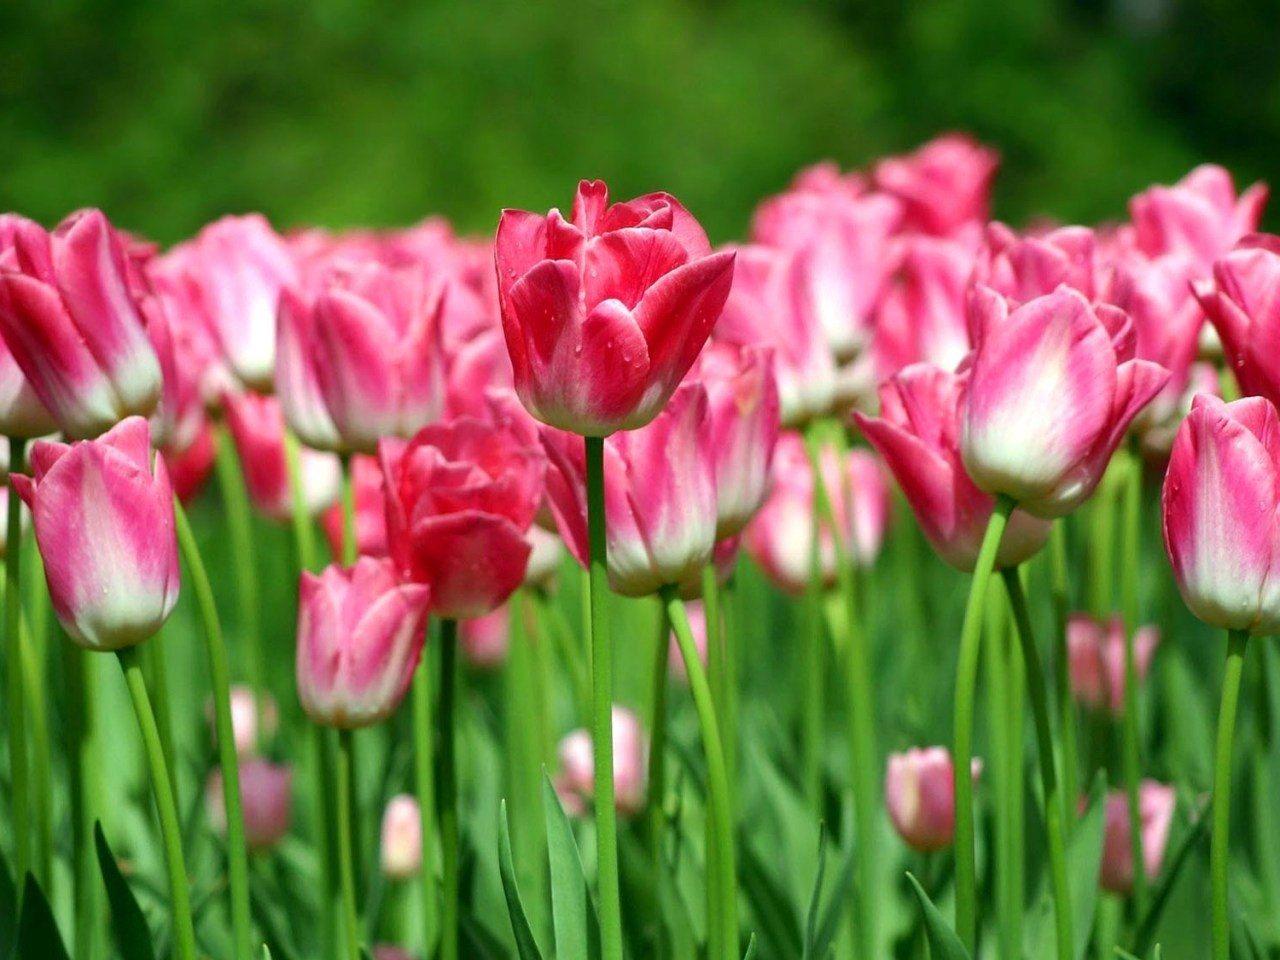 Flores Imágenes, Tulipanes Fondos De Pantalla, Verdes